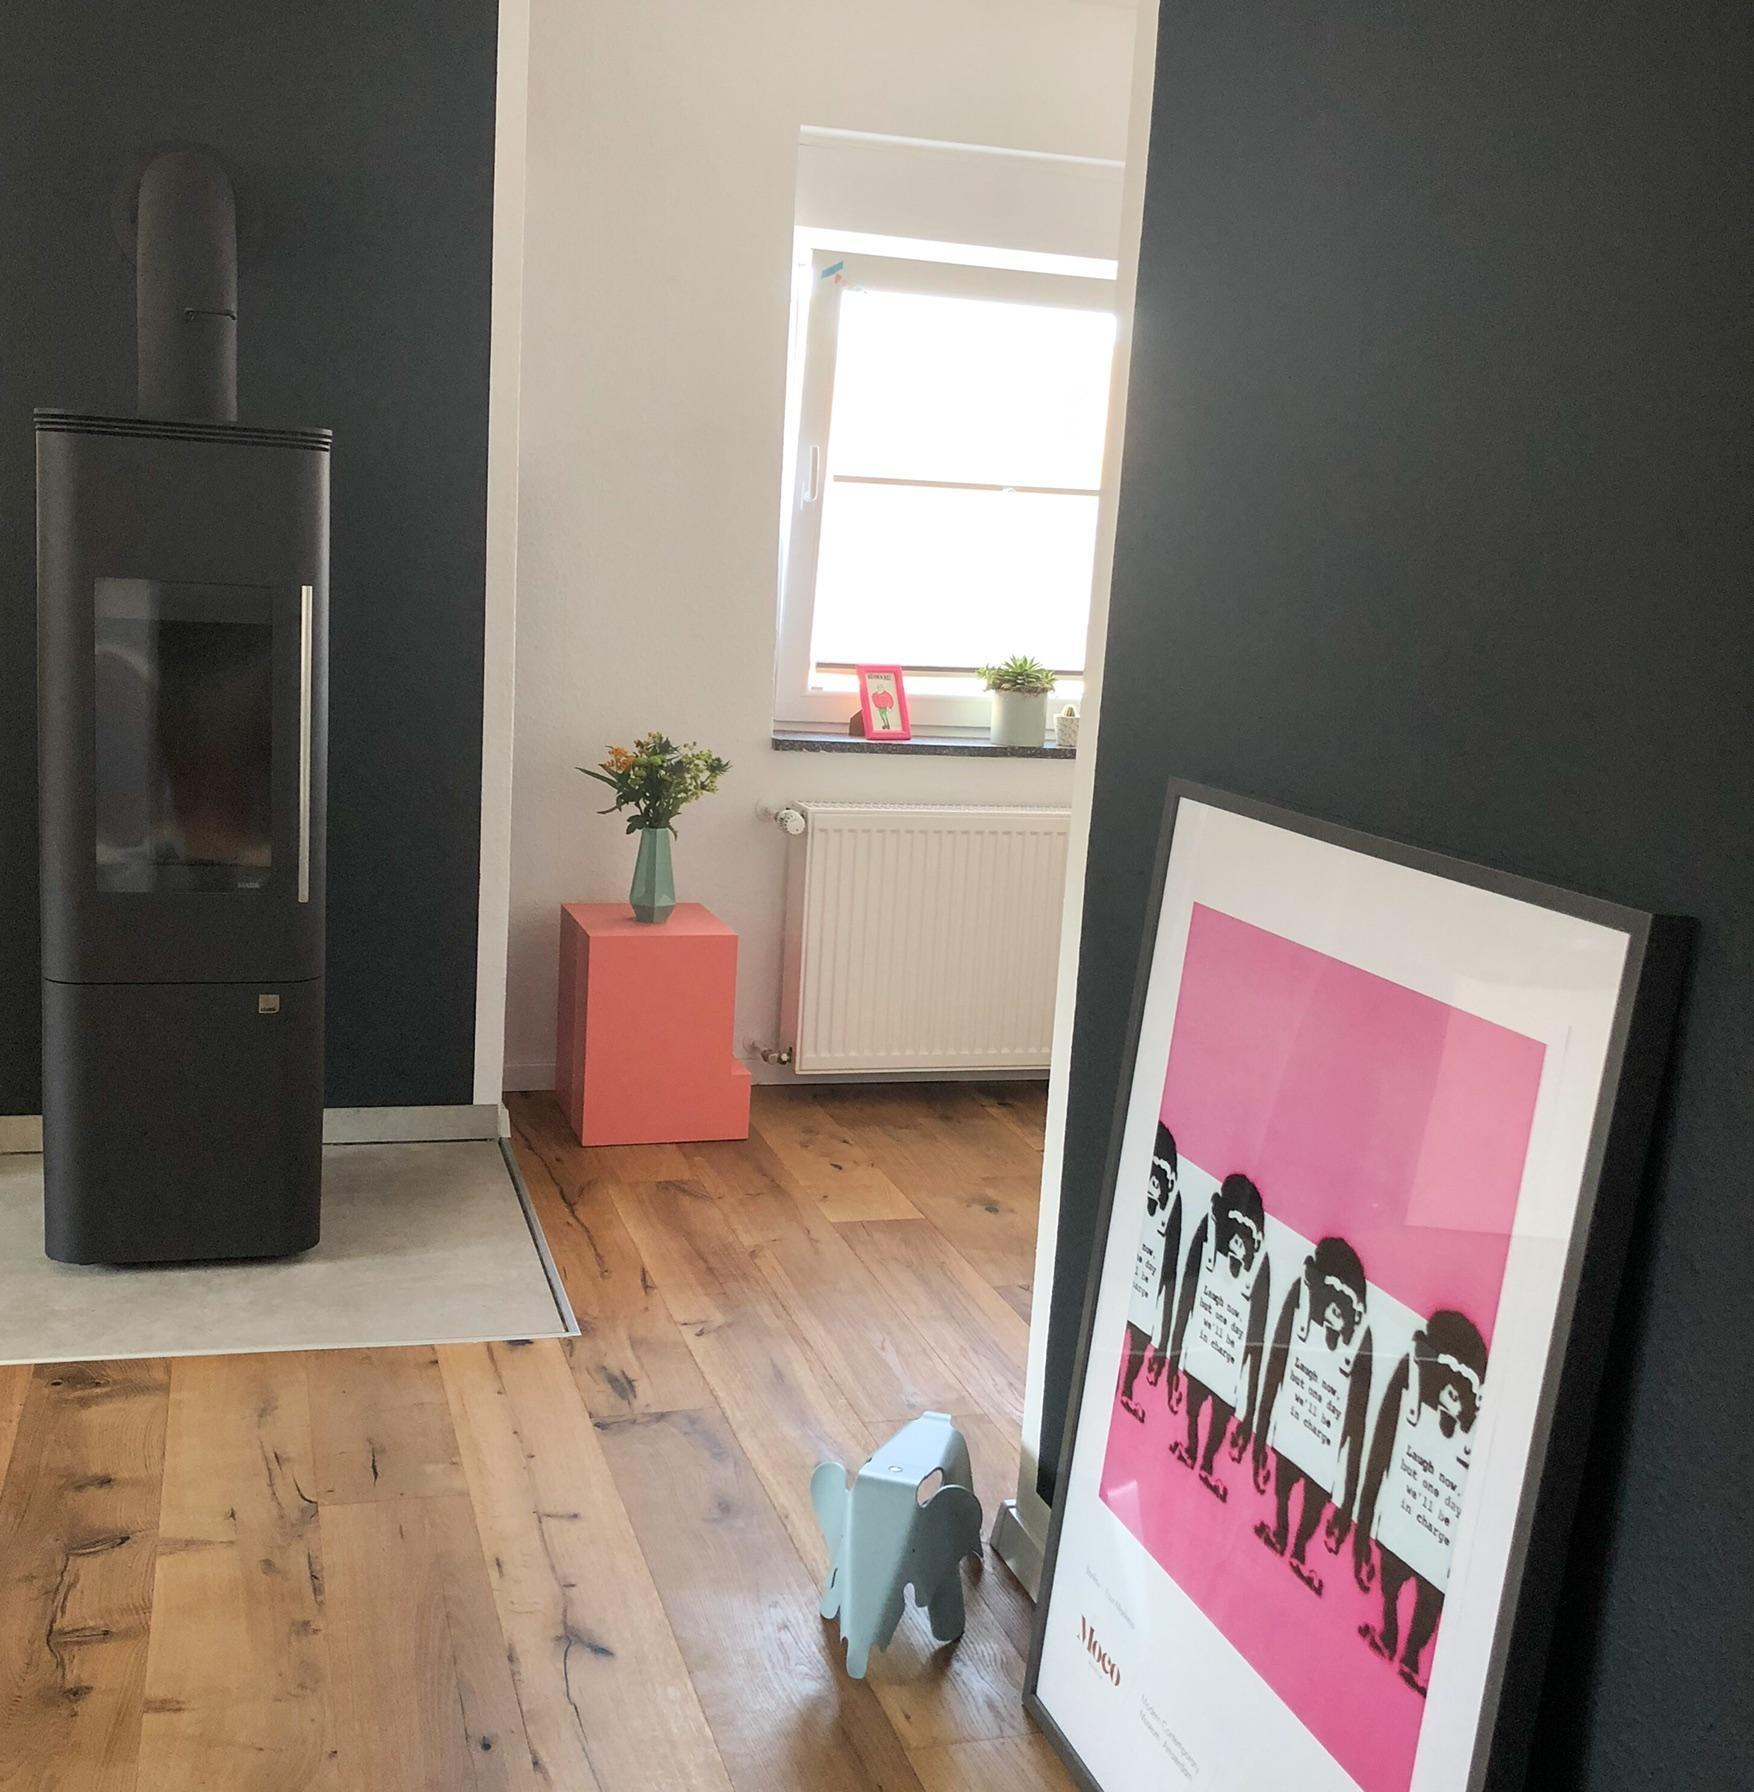 Beautiful Wohnzimmer Mit Kamin Bilder Ideas - Wohnideen: Inspiration ...